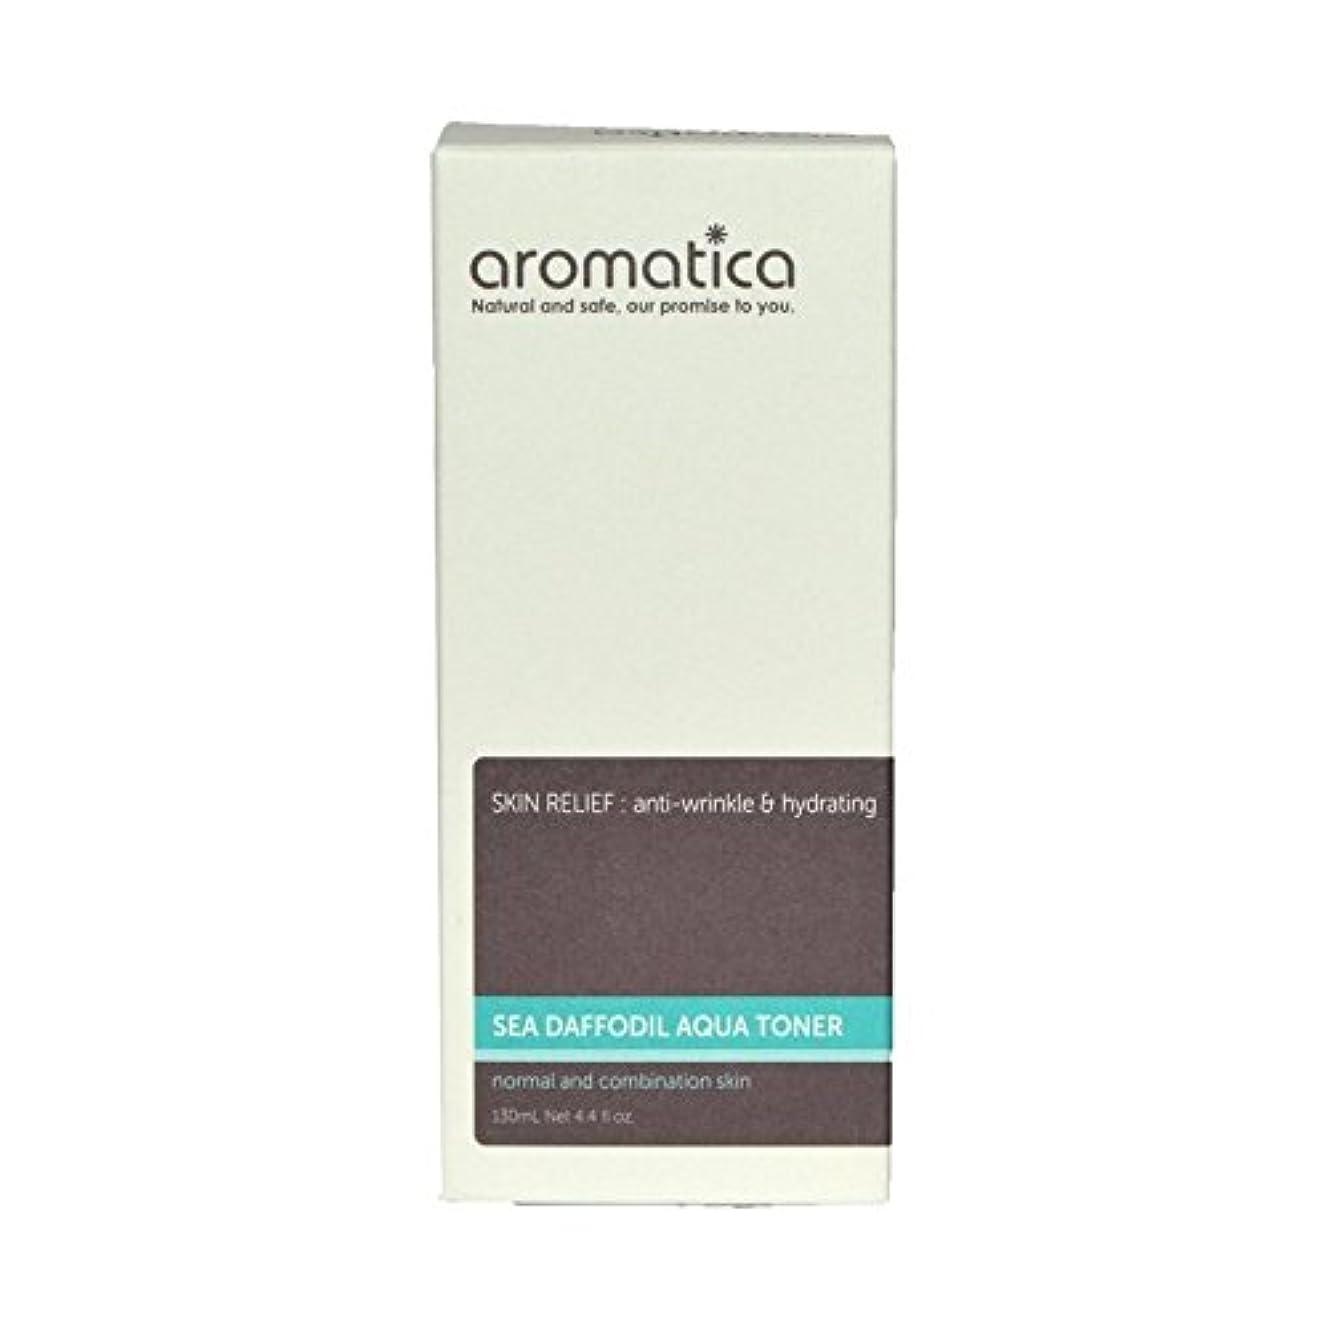 怒っている曲がった会計aromatica Sea Daffodil Aqua Toner 130ml (Pack of 6) - 海スイセンアクアトナー130ミリリットル x6 [並行輸入品]